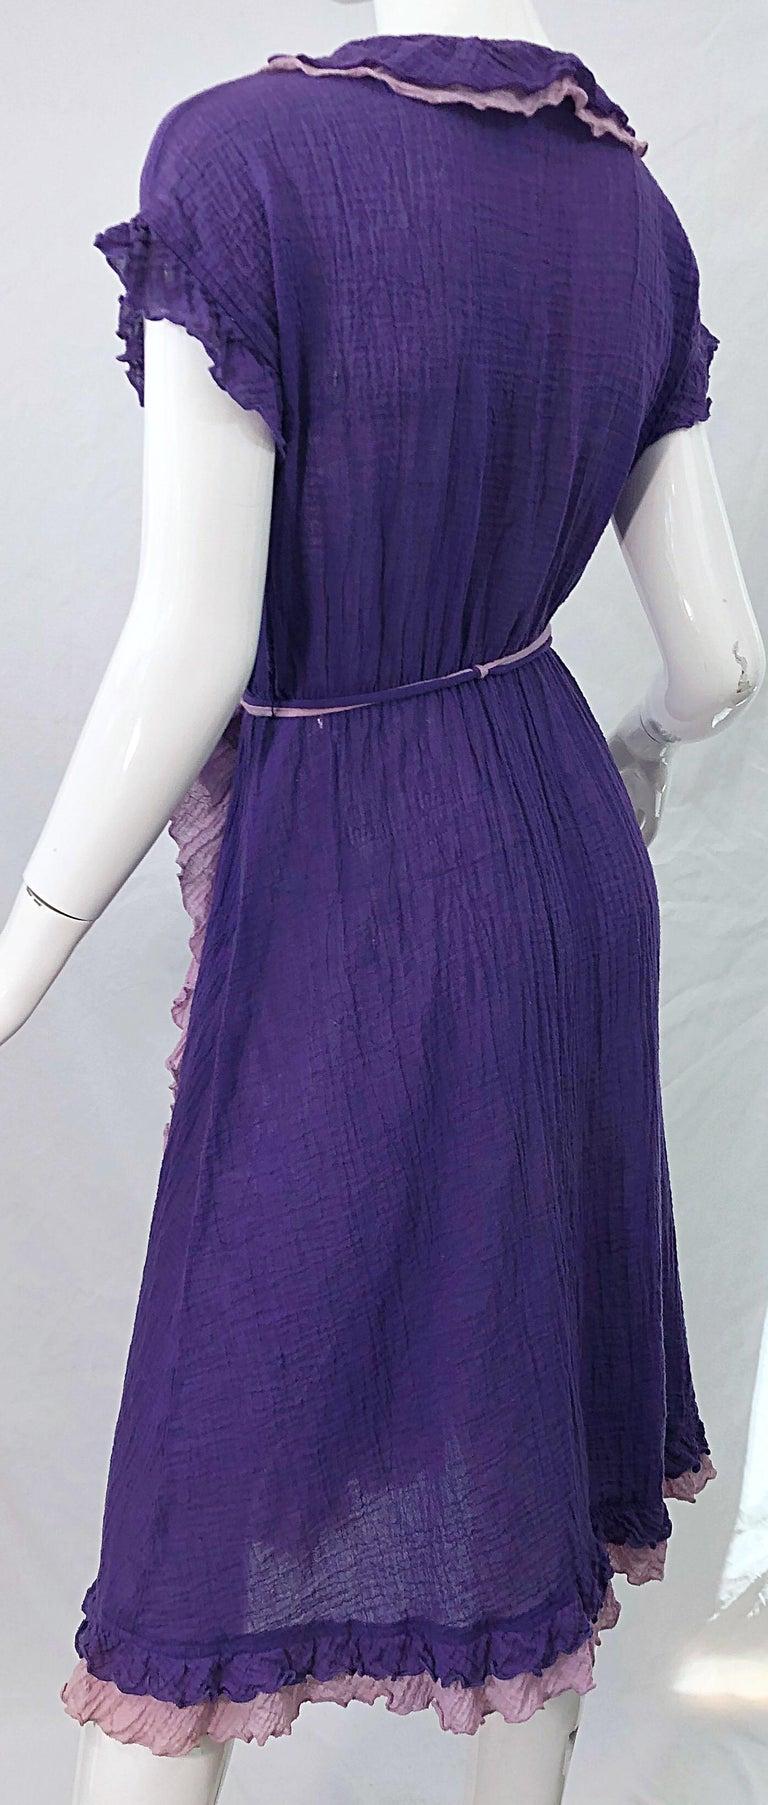 1970s Purple Lavender Lightweight Cotton Voile Vintage 70s Wrap Dress For Sale 3